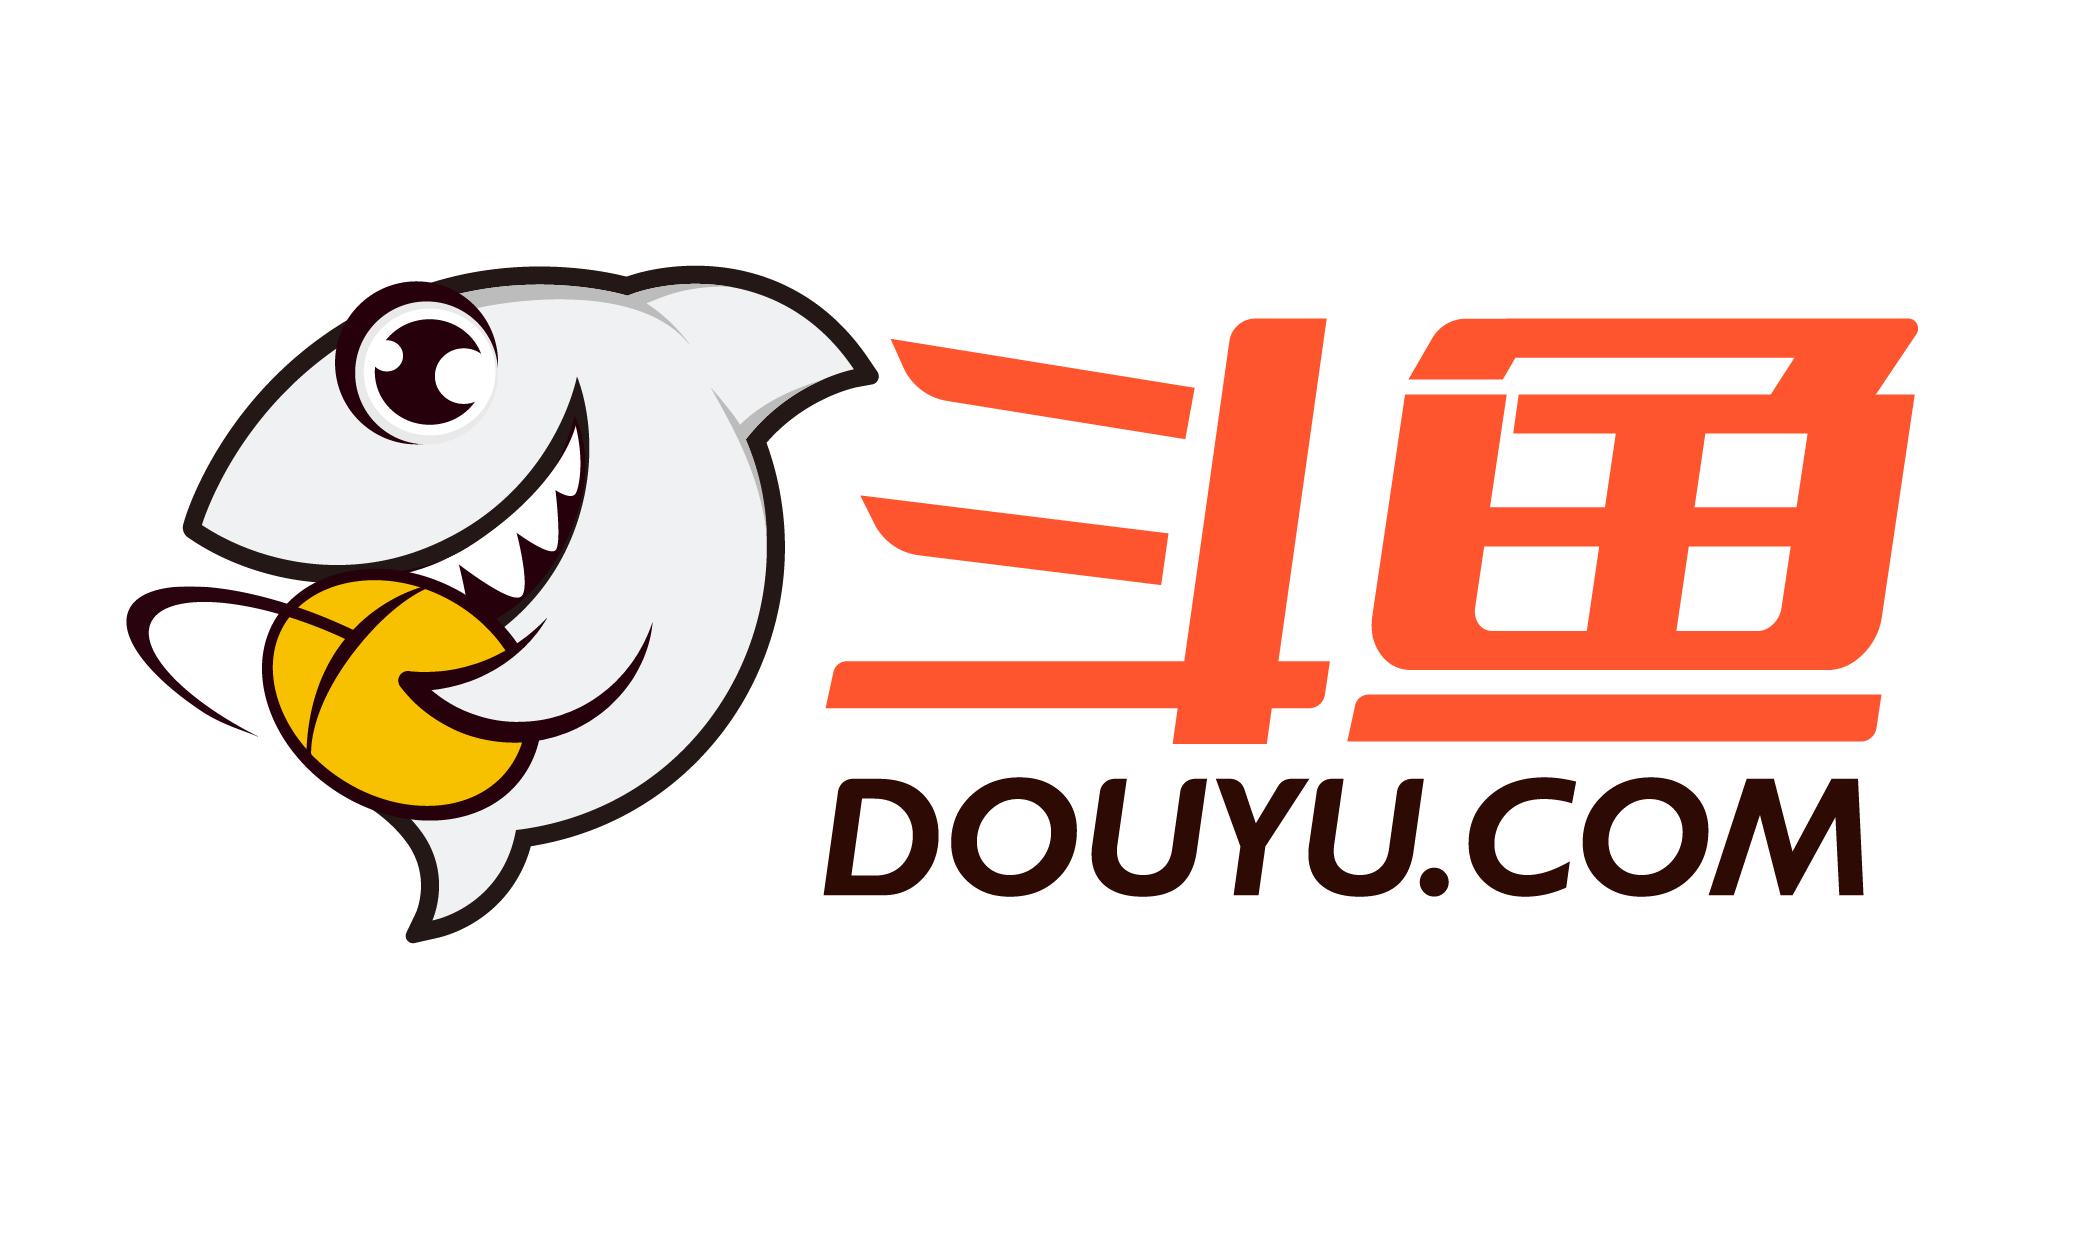 https://ft-bk1.oss-cn-zhangjiakou.aliyuncs.com/Public/Uploads/img/a_content_20200921141336_5717.png